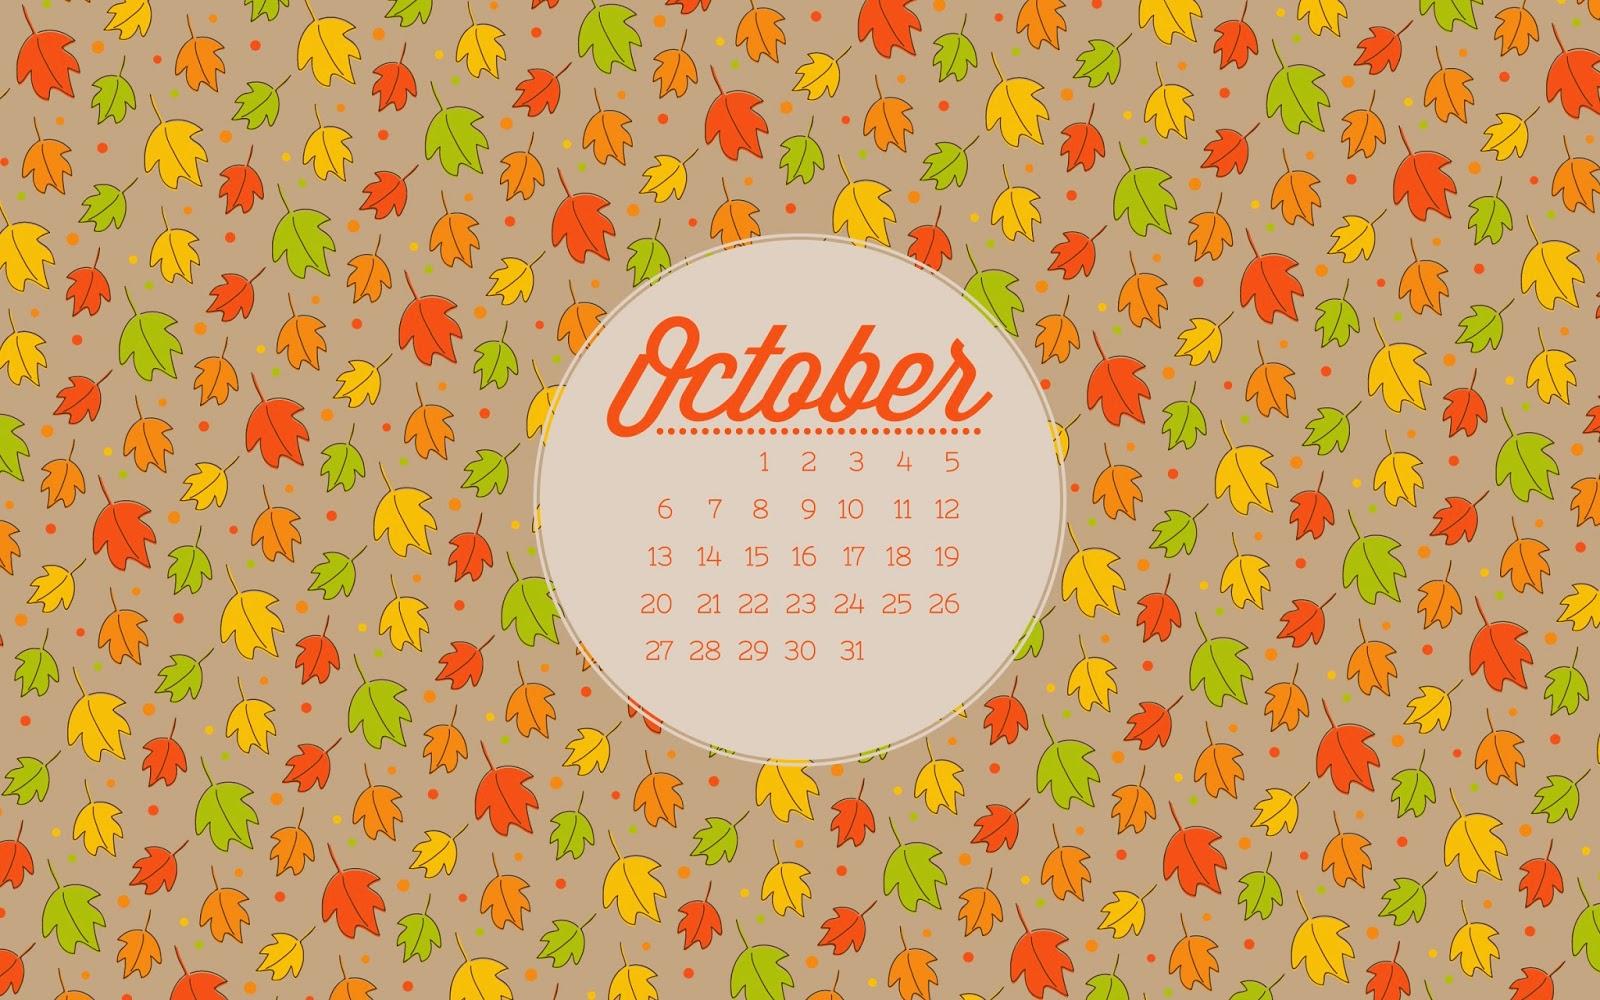 Wallpaper Calendar Oct : Dresdencarrie october desktop wallpaper